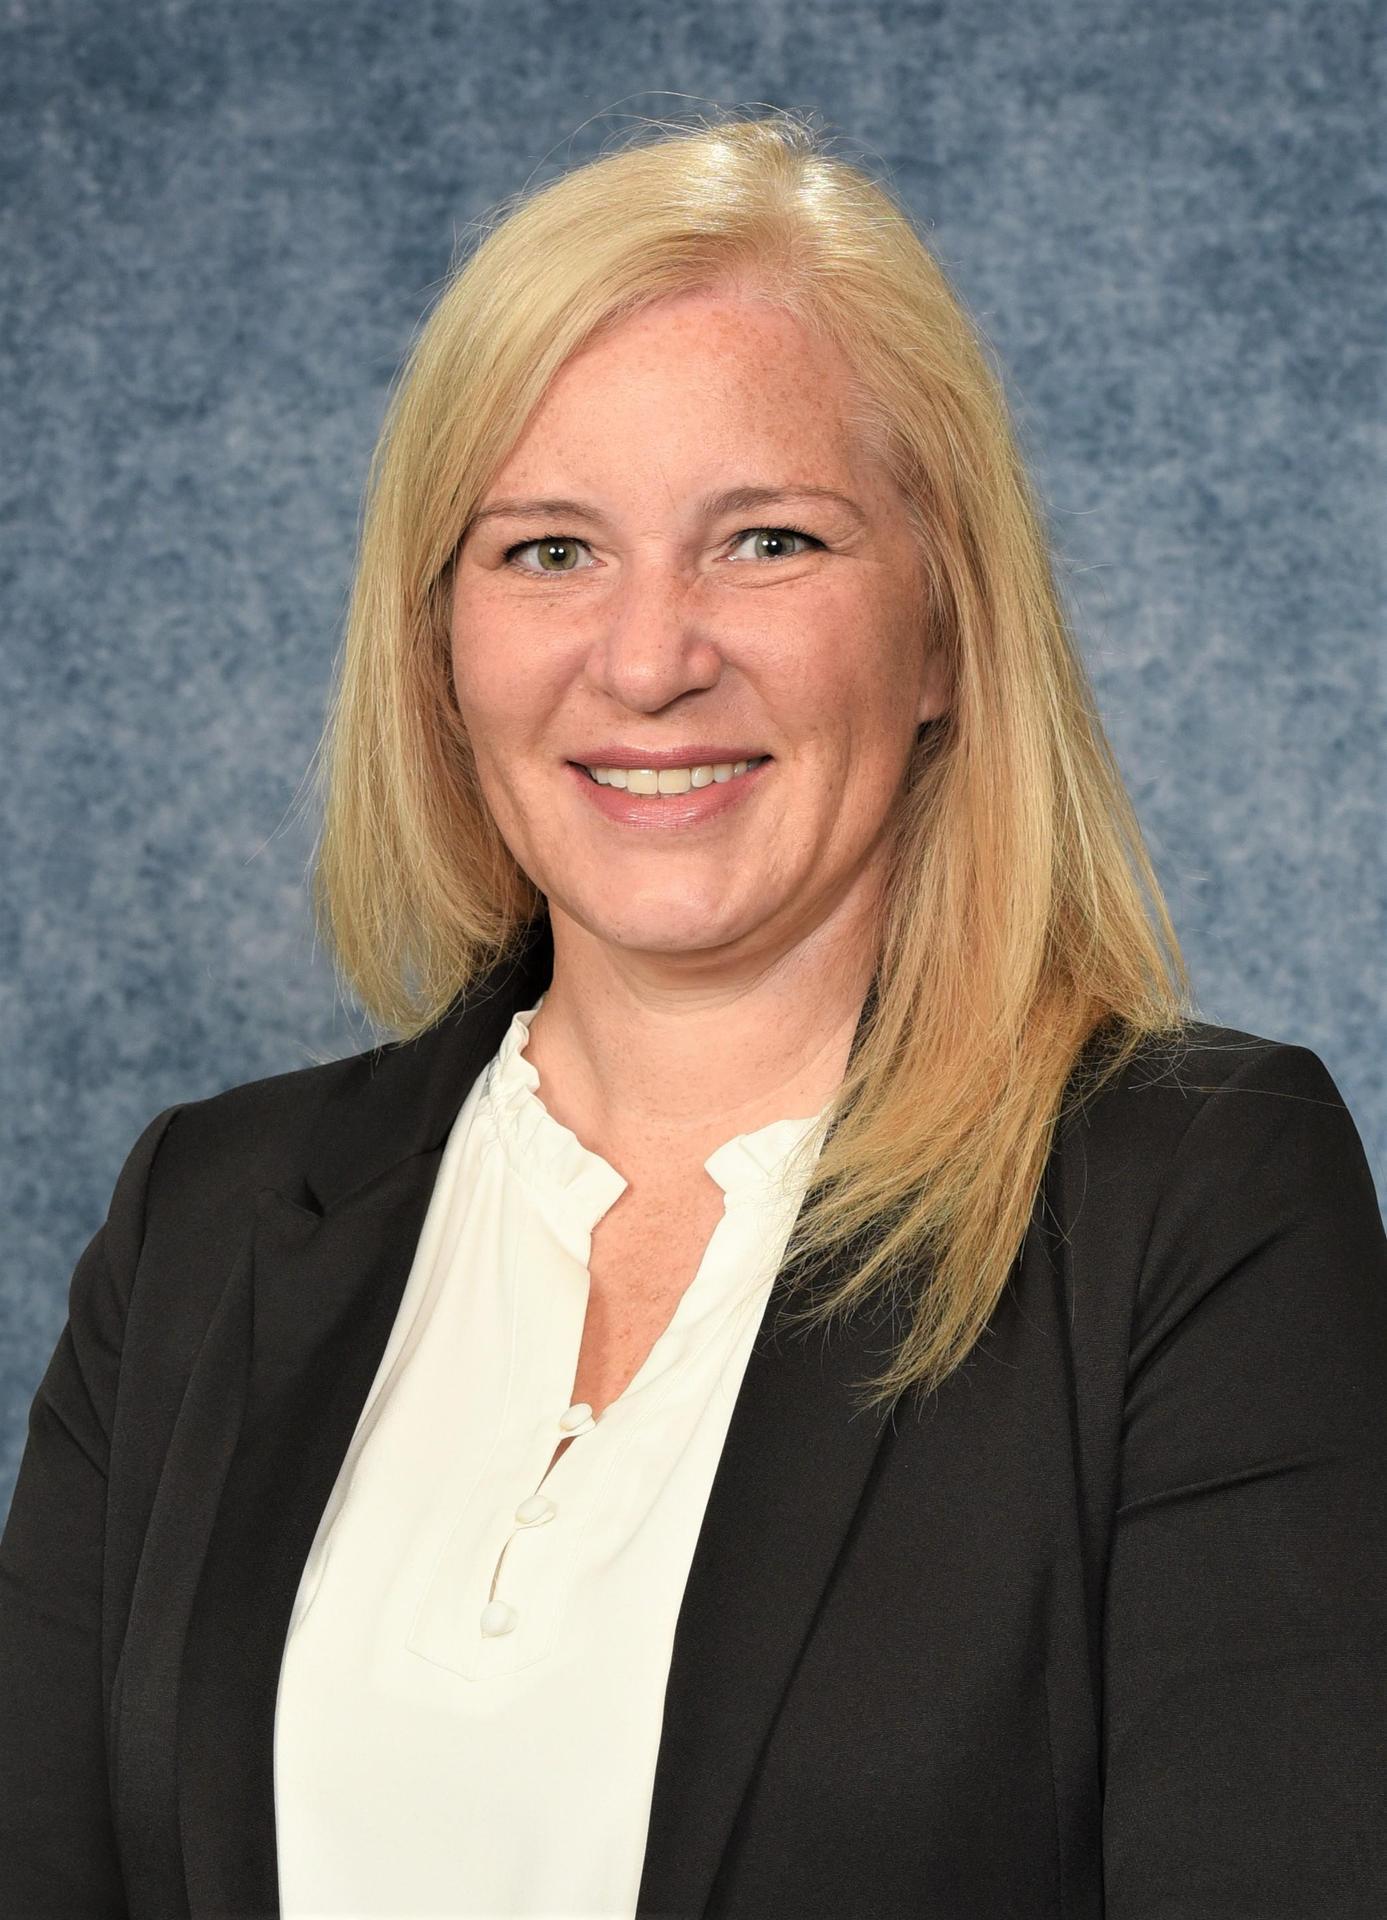 Leslie Dial, Assistant Principal